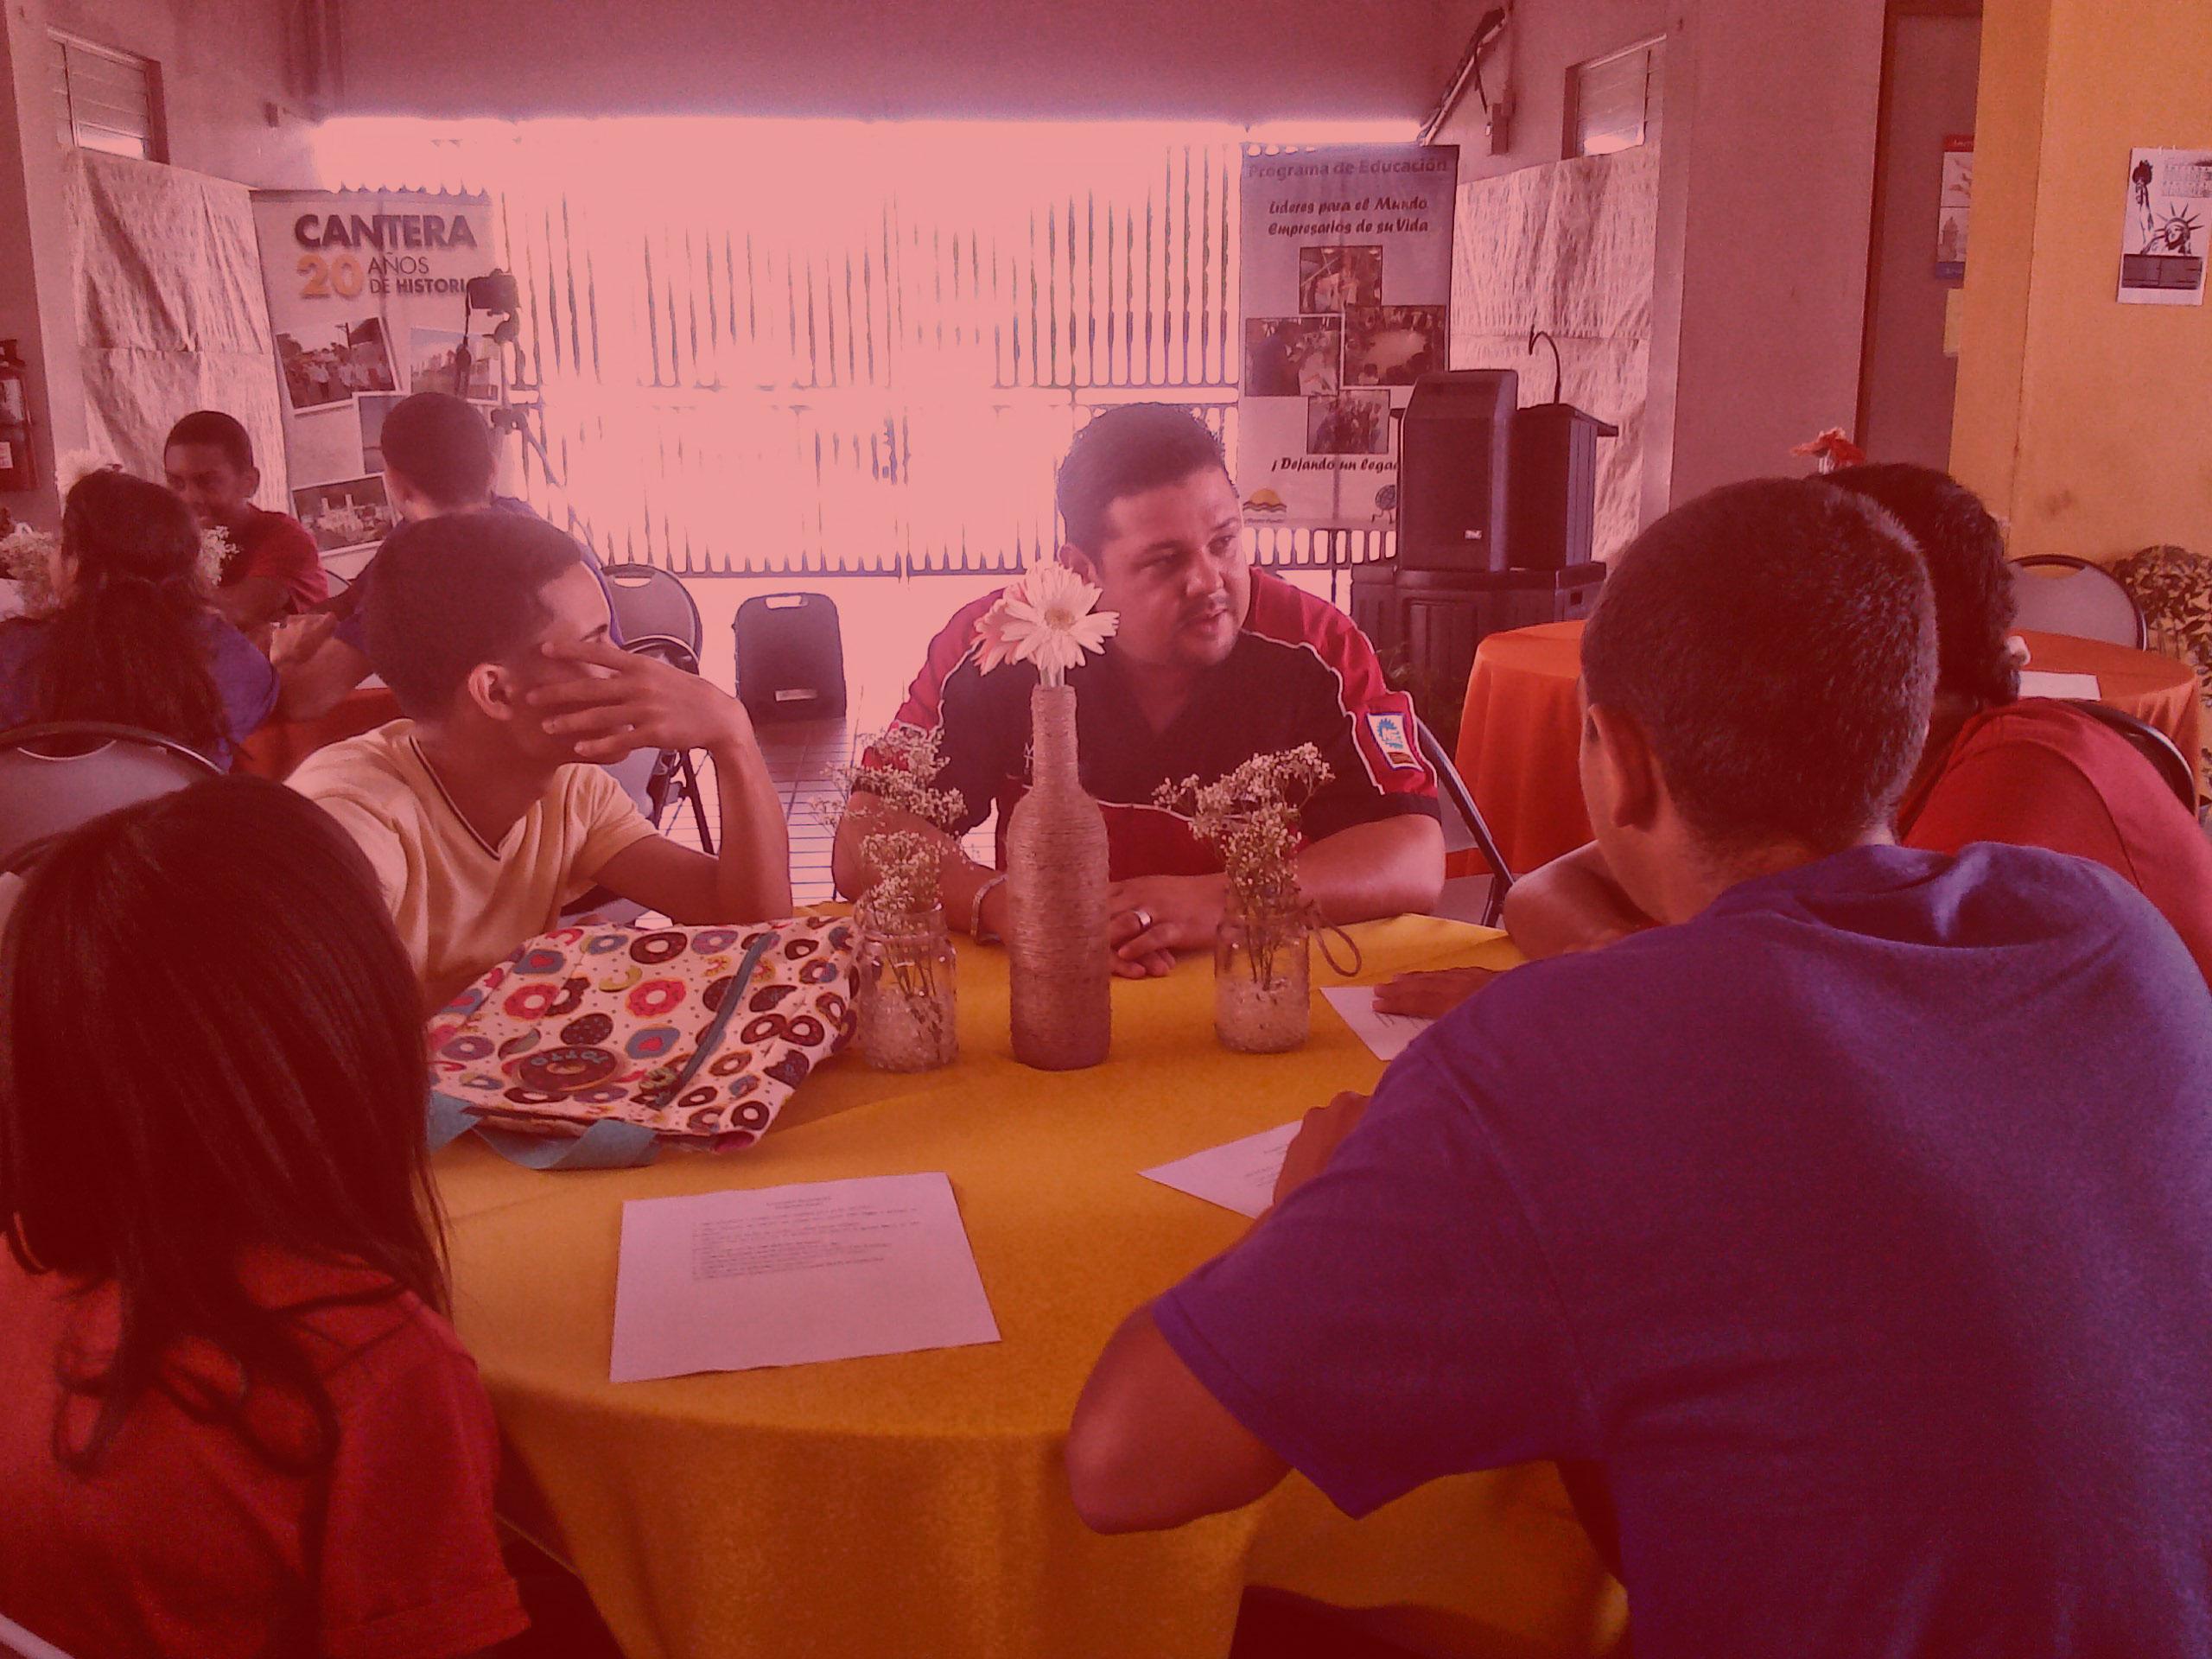 Mech-Tech College participa en el encuentro Profesional con jóvenes de Cantera